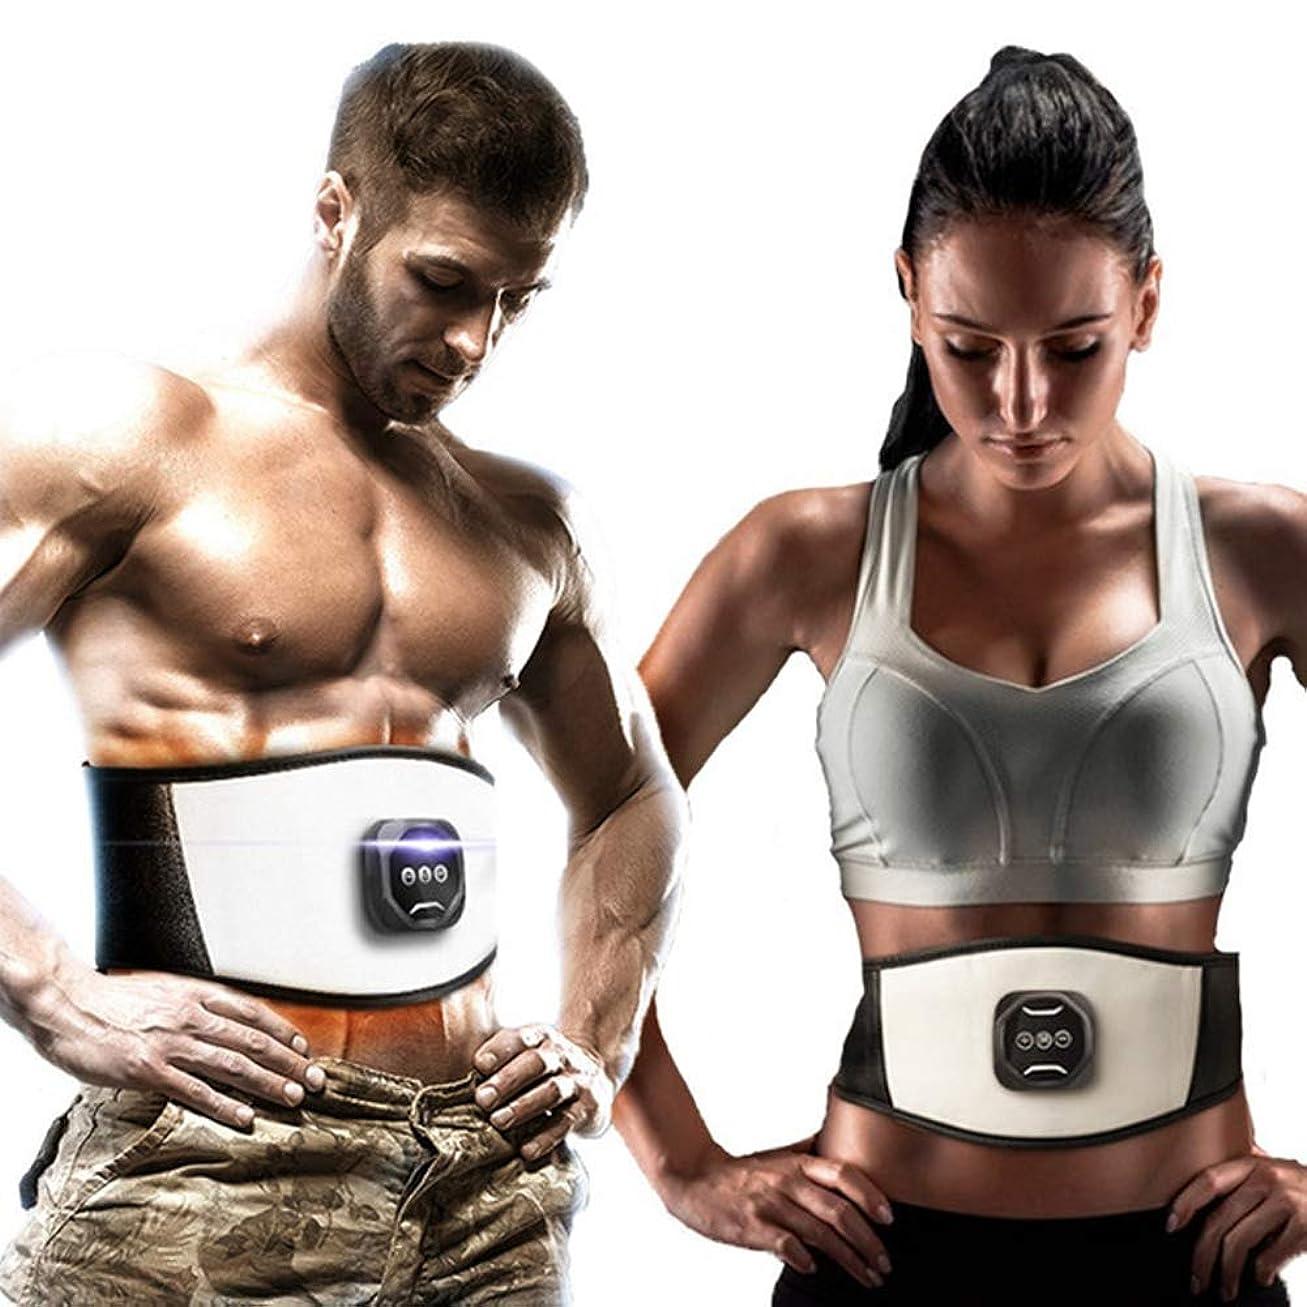 寛大なレーニン主義心配Ems電気減量機器筋肉トレーニングフィットネス機器減量美容ウエスト整形マッサージベルト,白